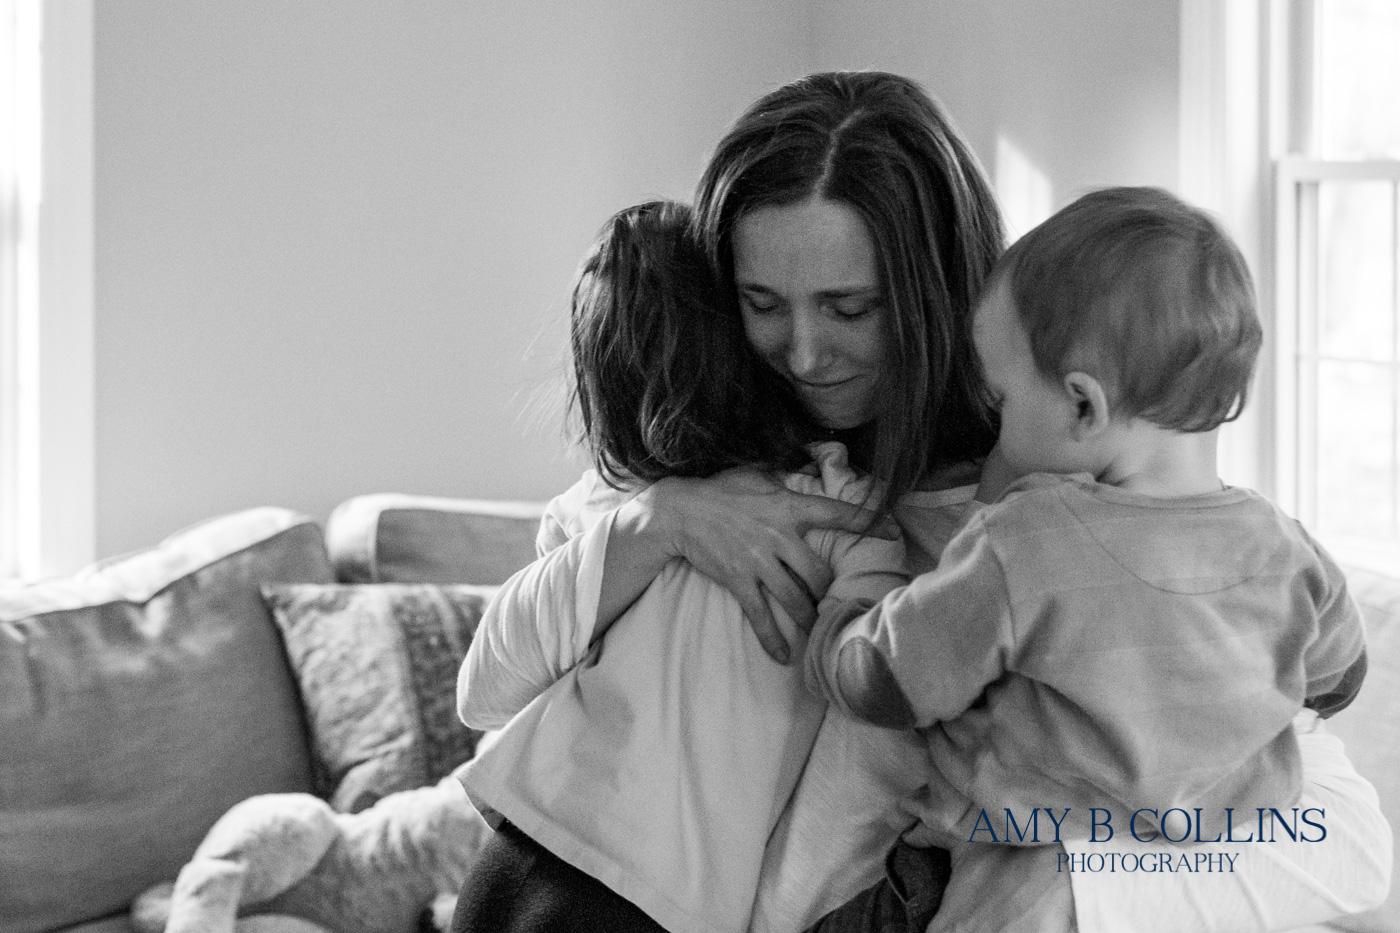 Amy_B_Collins_Photography_Needham - 09.jpg